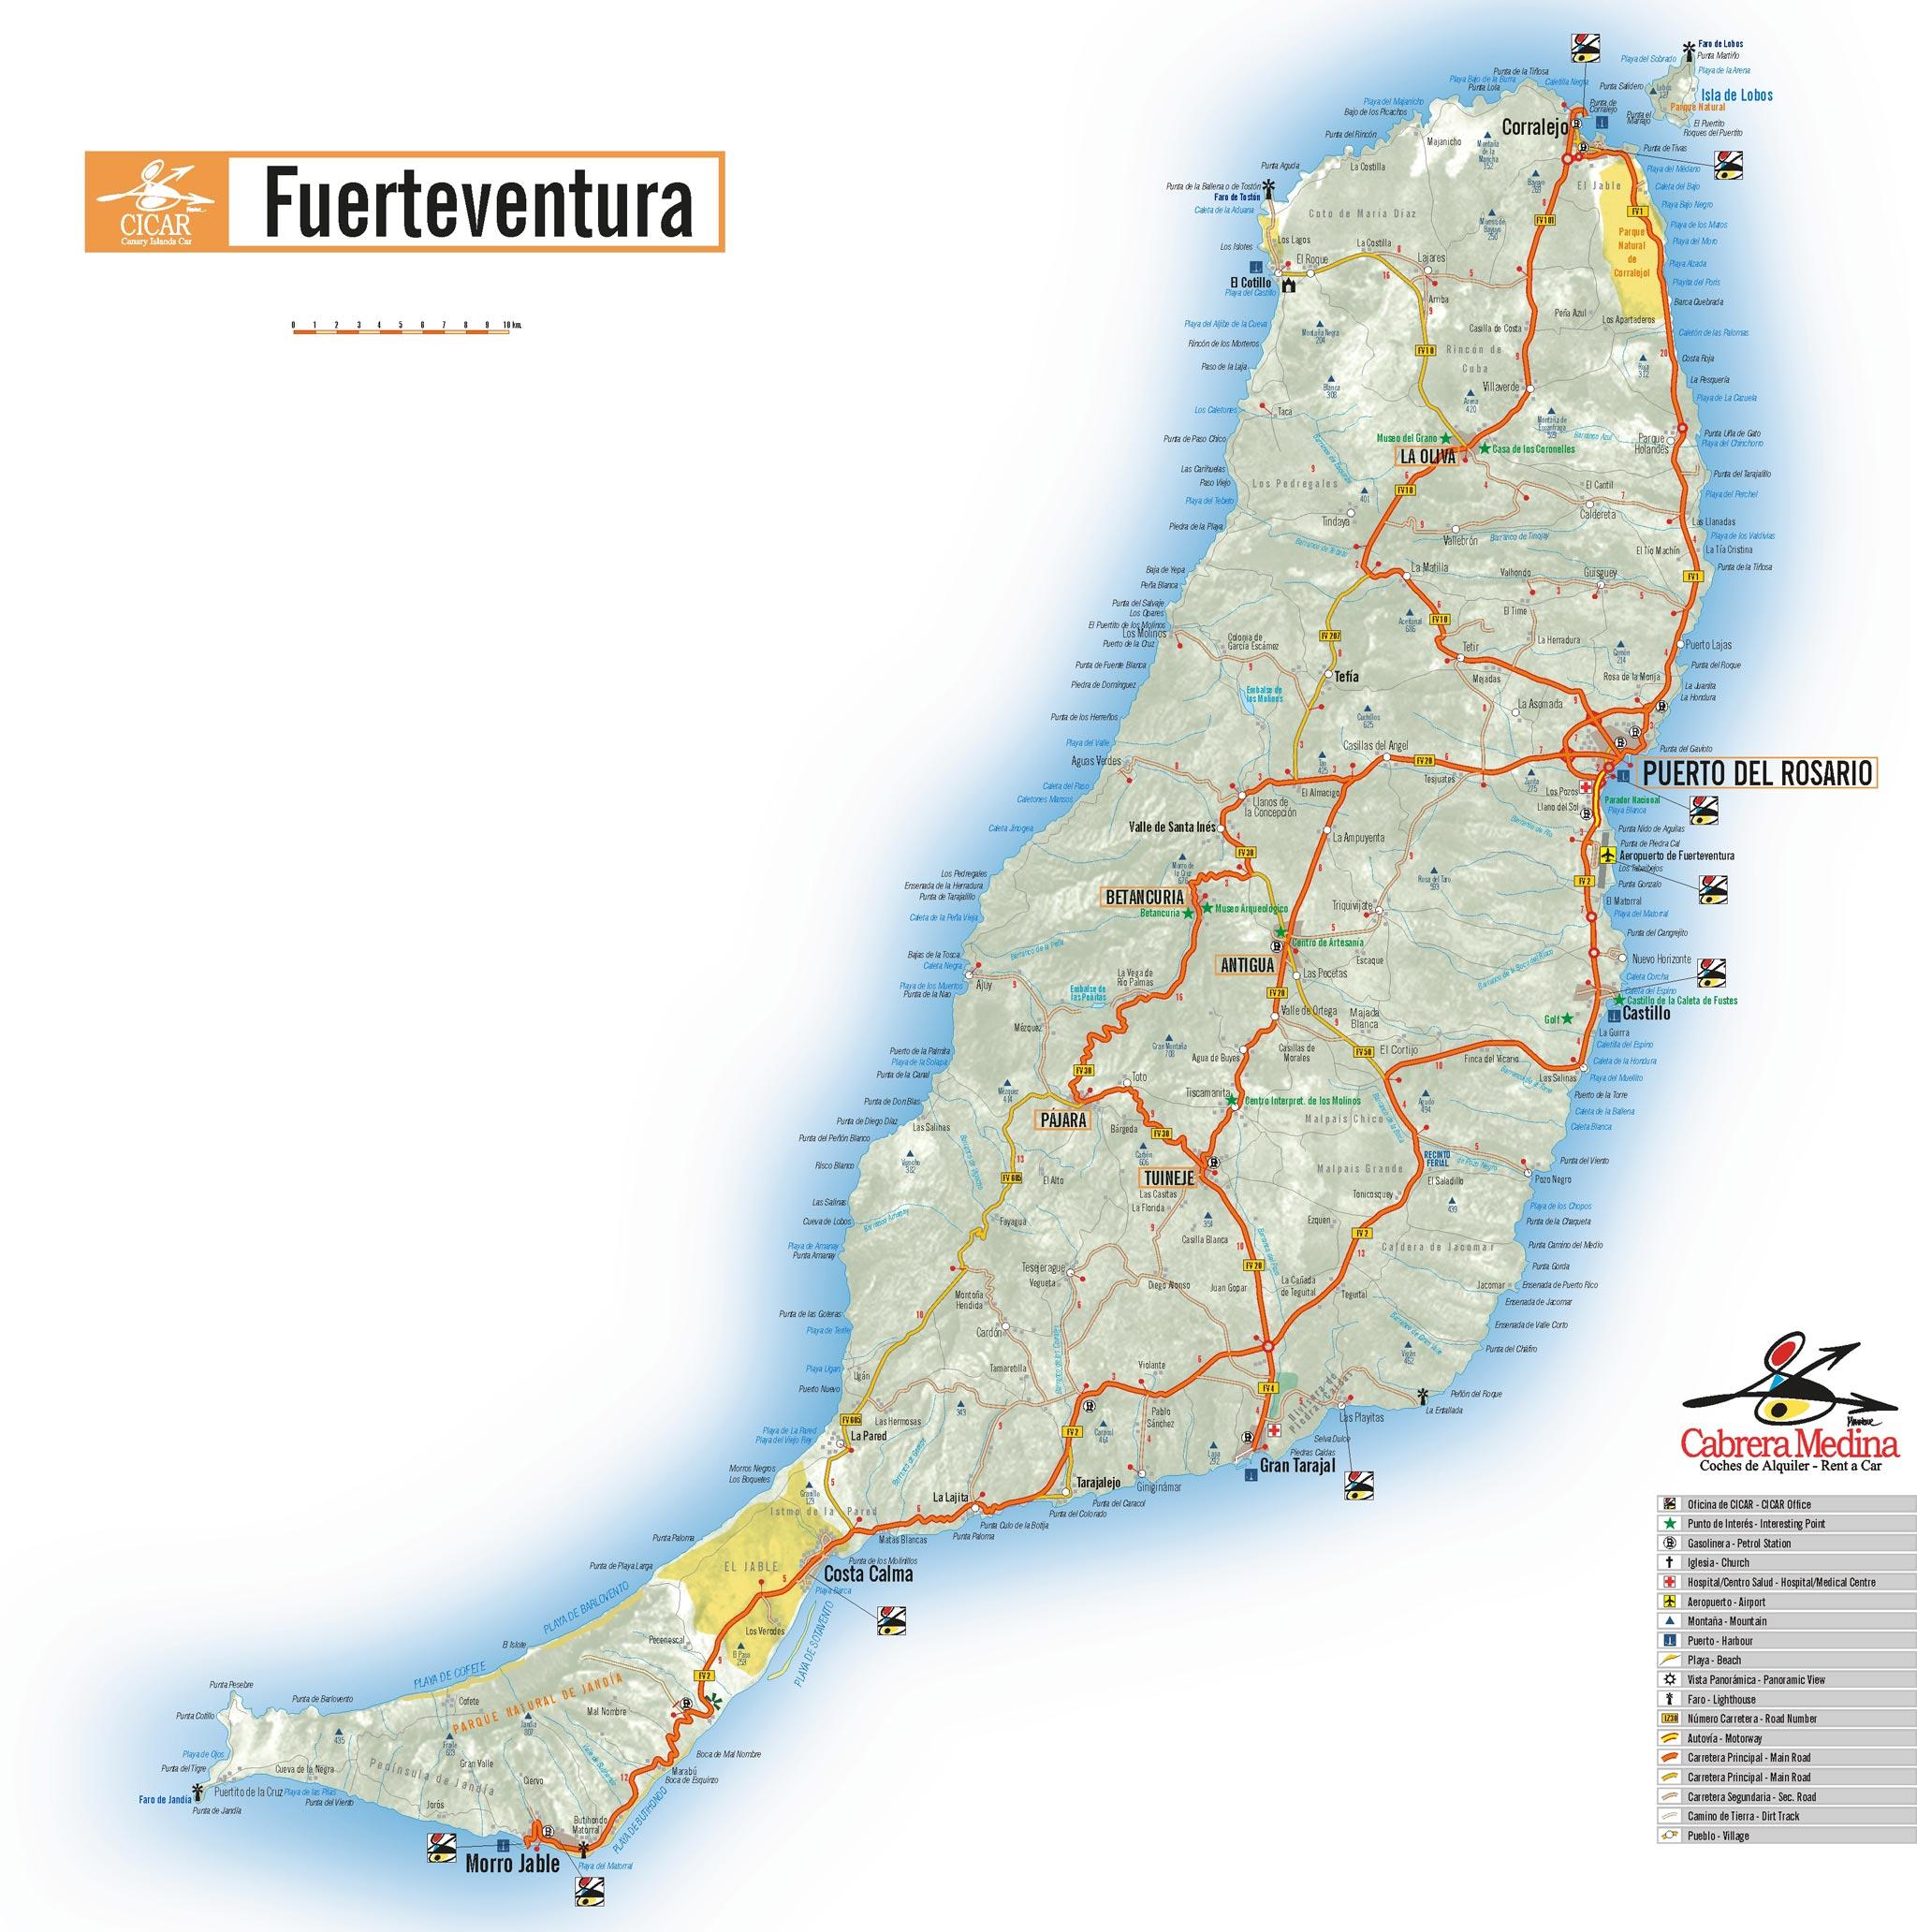 Carte Lanzarote.Autos Cabrera Medina Servicios Gratuitos